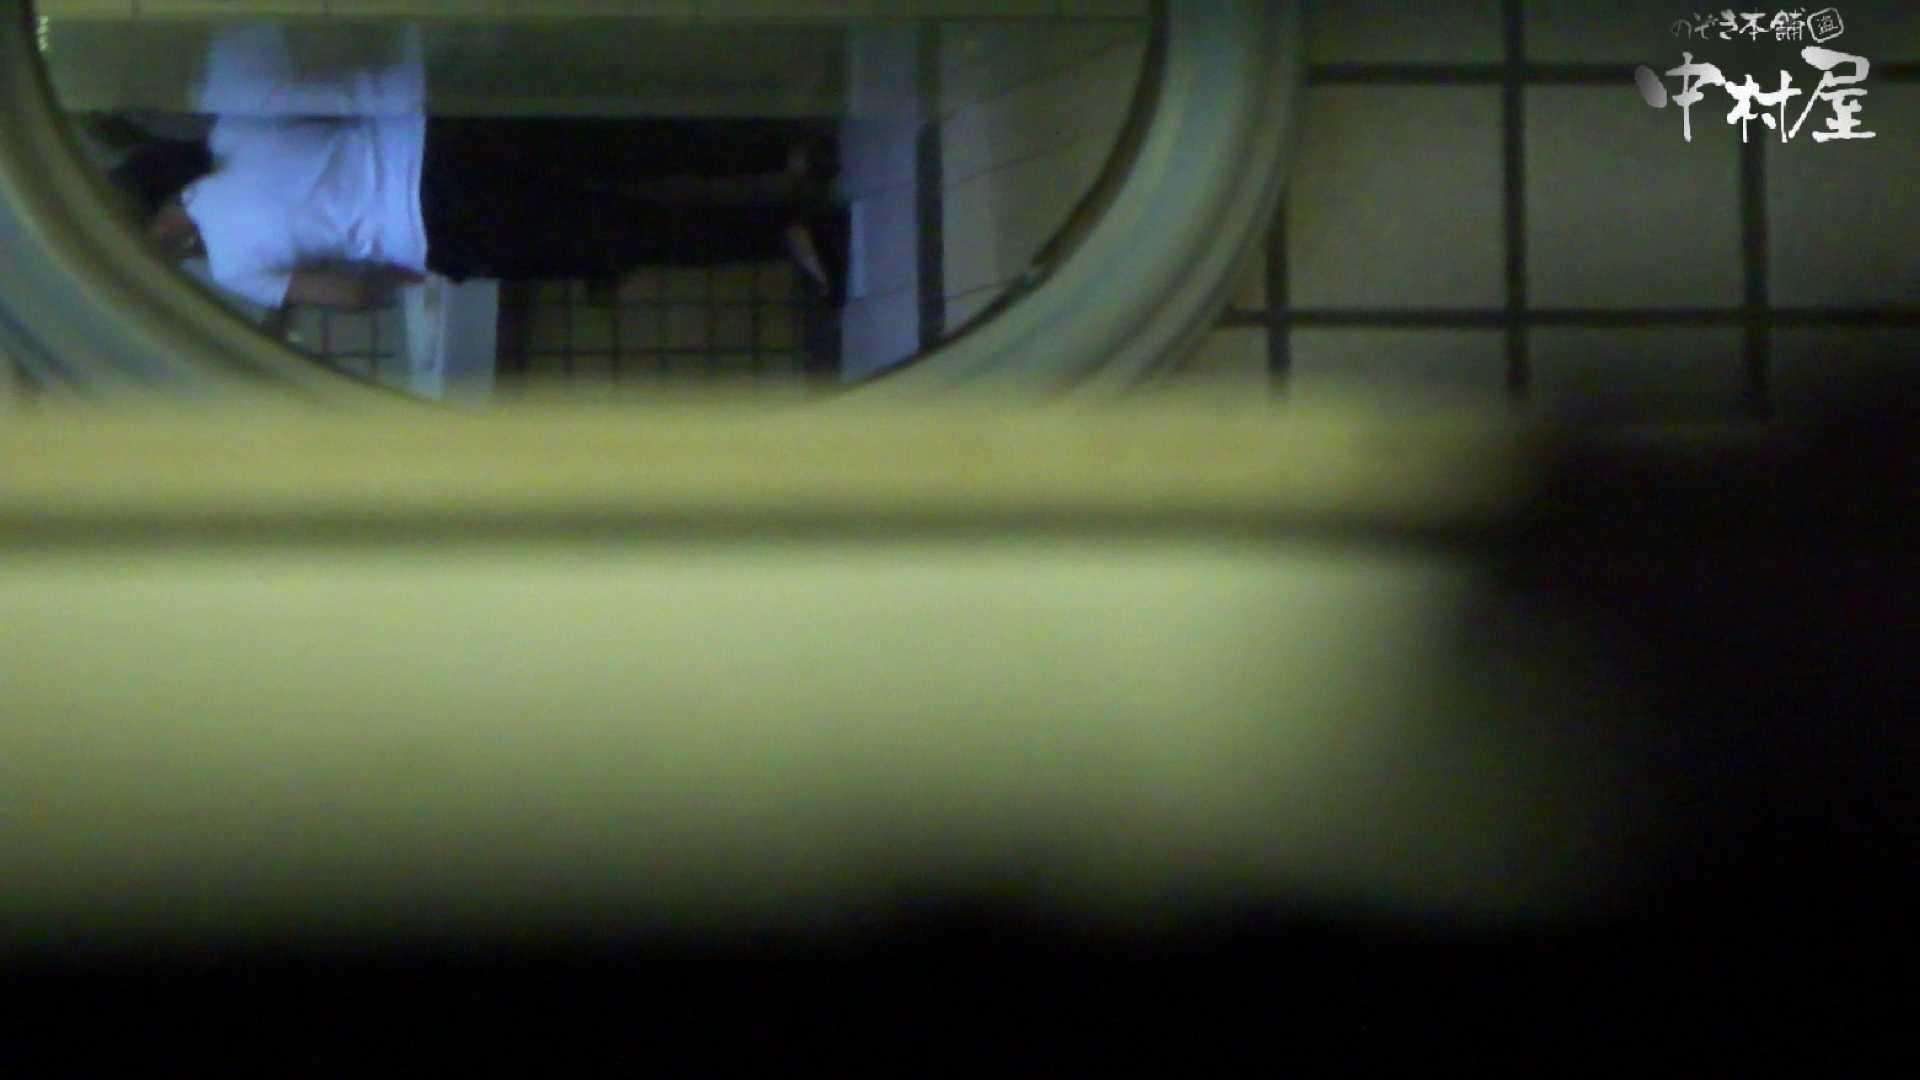 【美人が集まるファッションショッピングセンター洗面所盗SATU】ギャルのツルピカ潜入盗satu!Vol.10 高画質 隠し撮りおまんこ動画流出 103画像 79